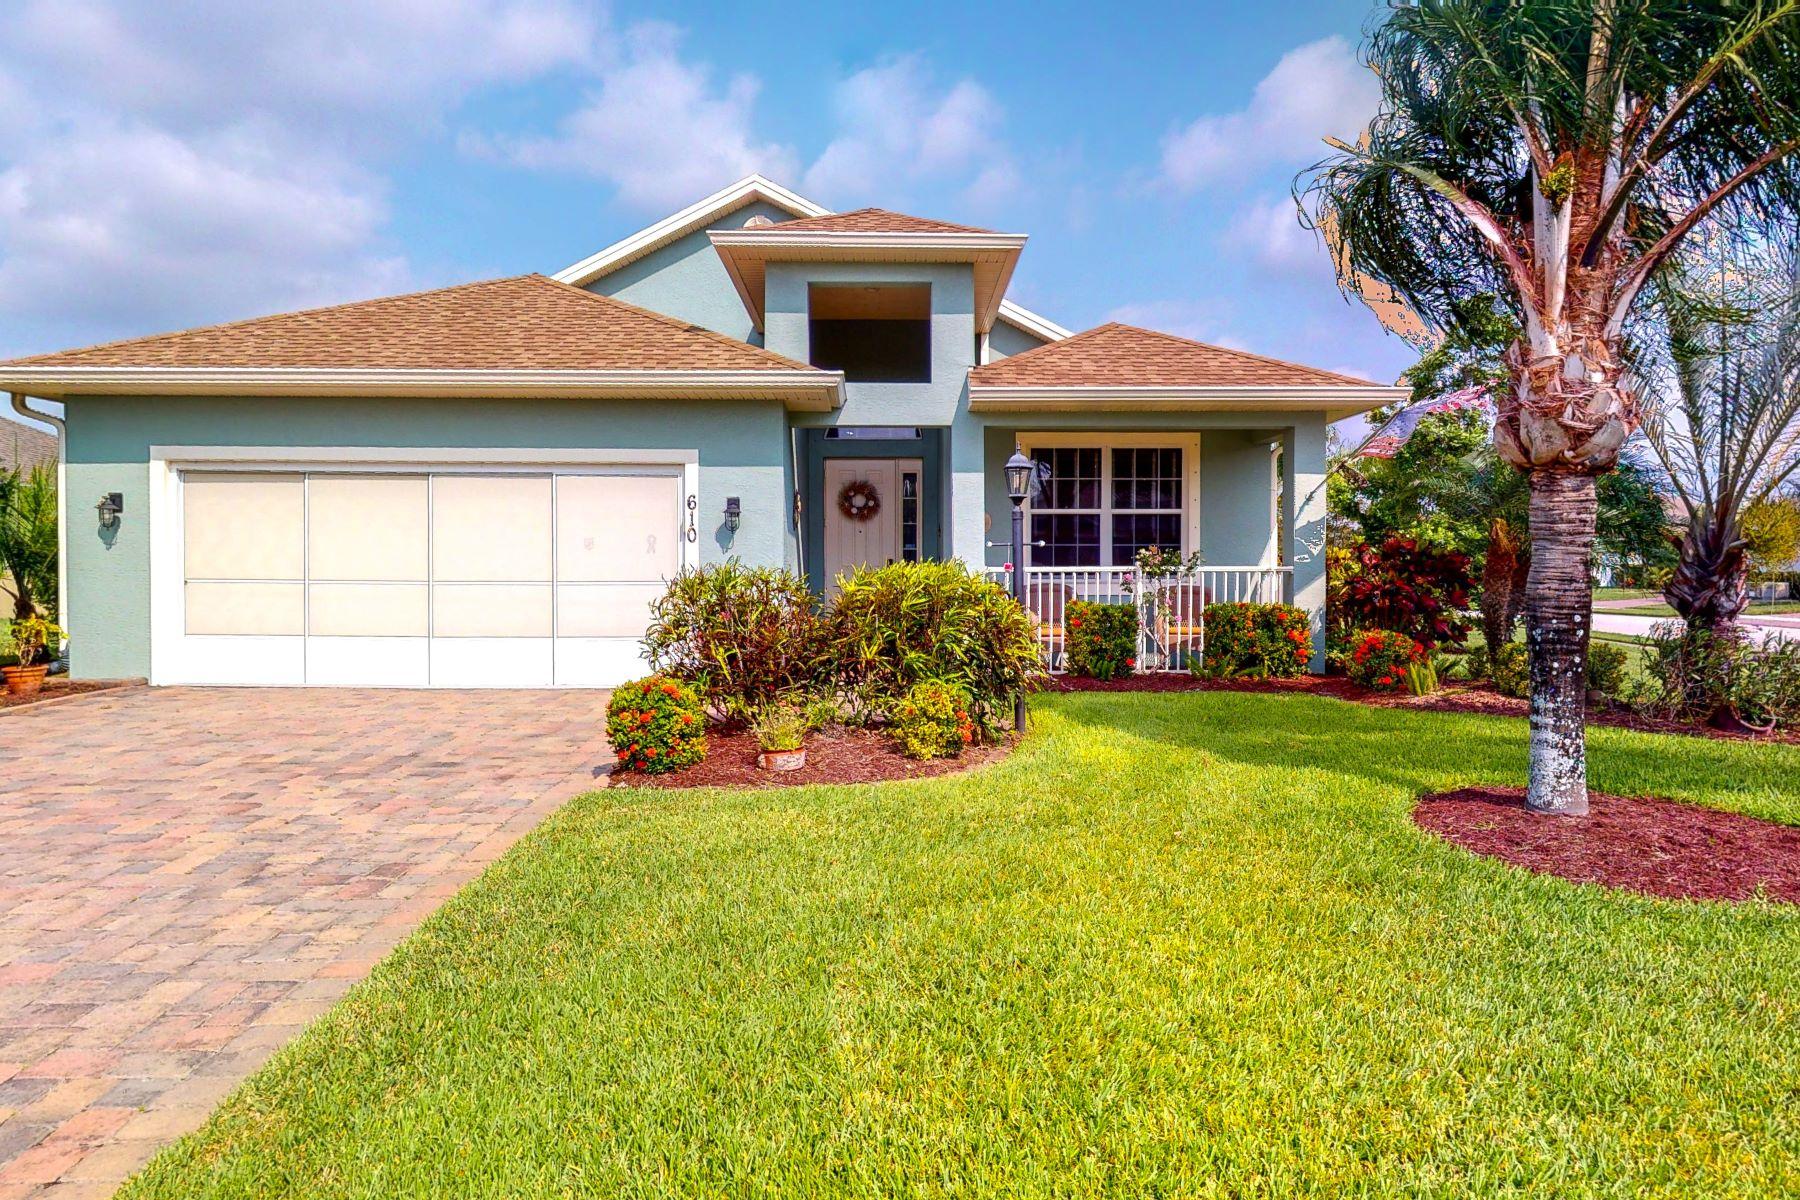 610 Brush Foot Drive, Sebastian, FL 610 Brush Foot Drive Sebastian, Floride 32958 États-Unis